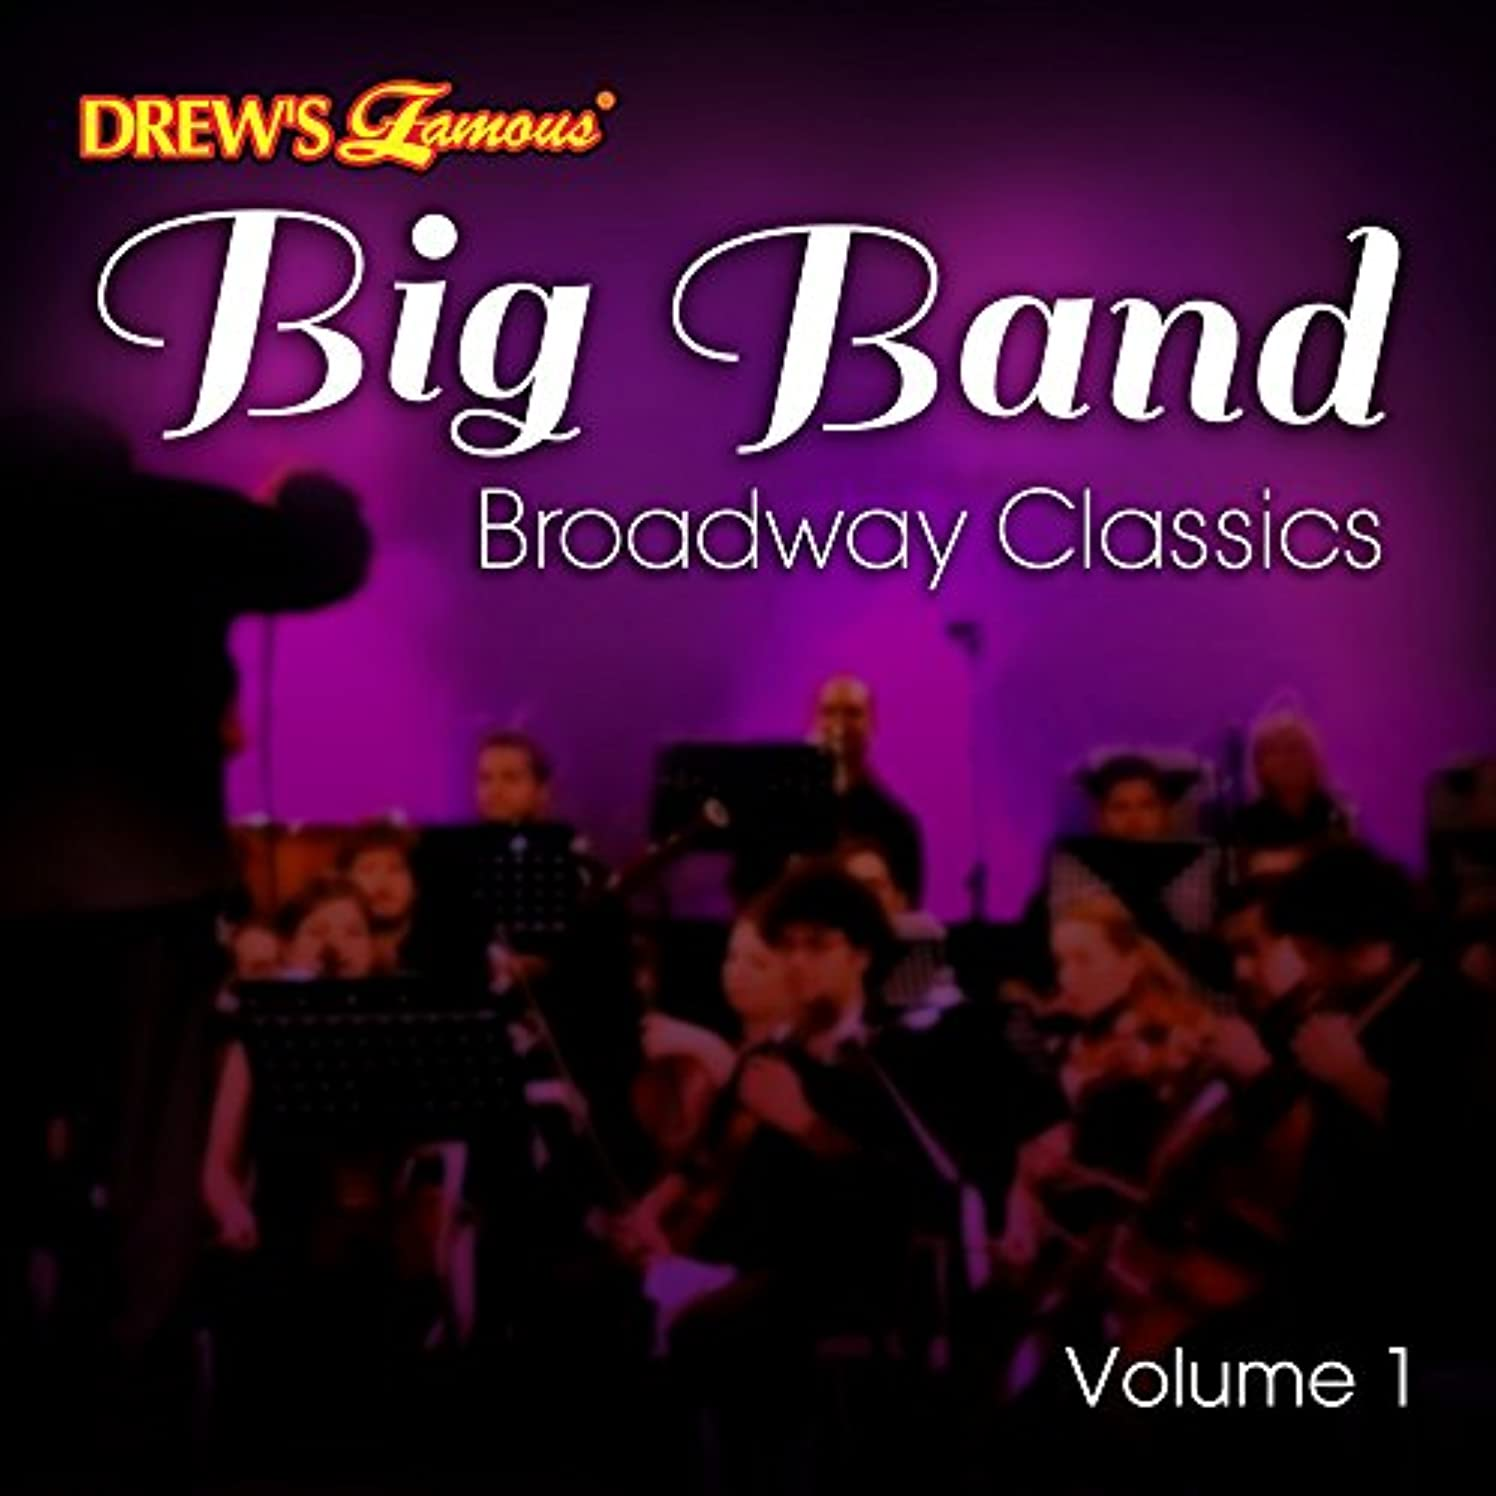 Big Band Broadway Classics Vol. 1